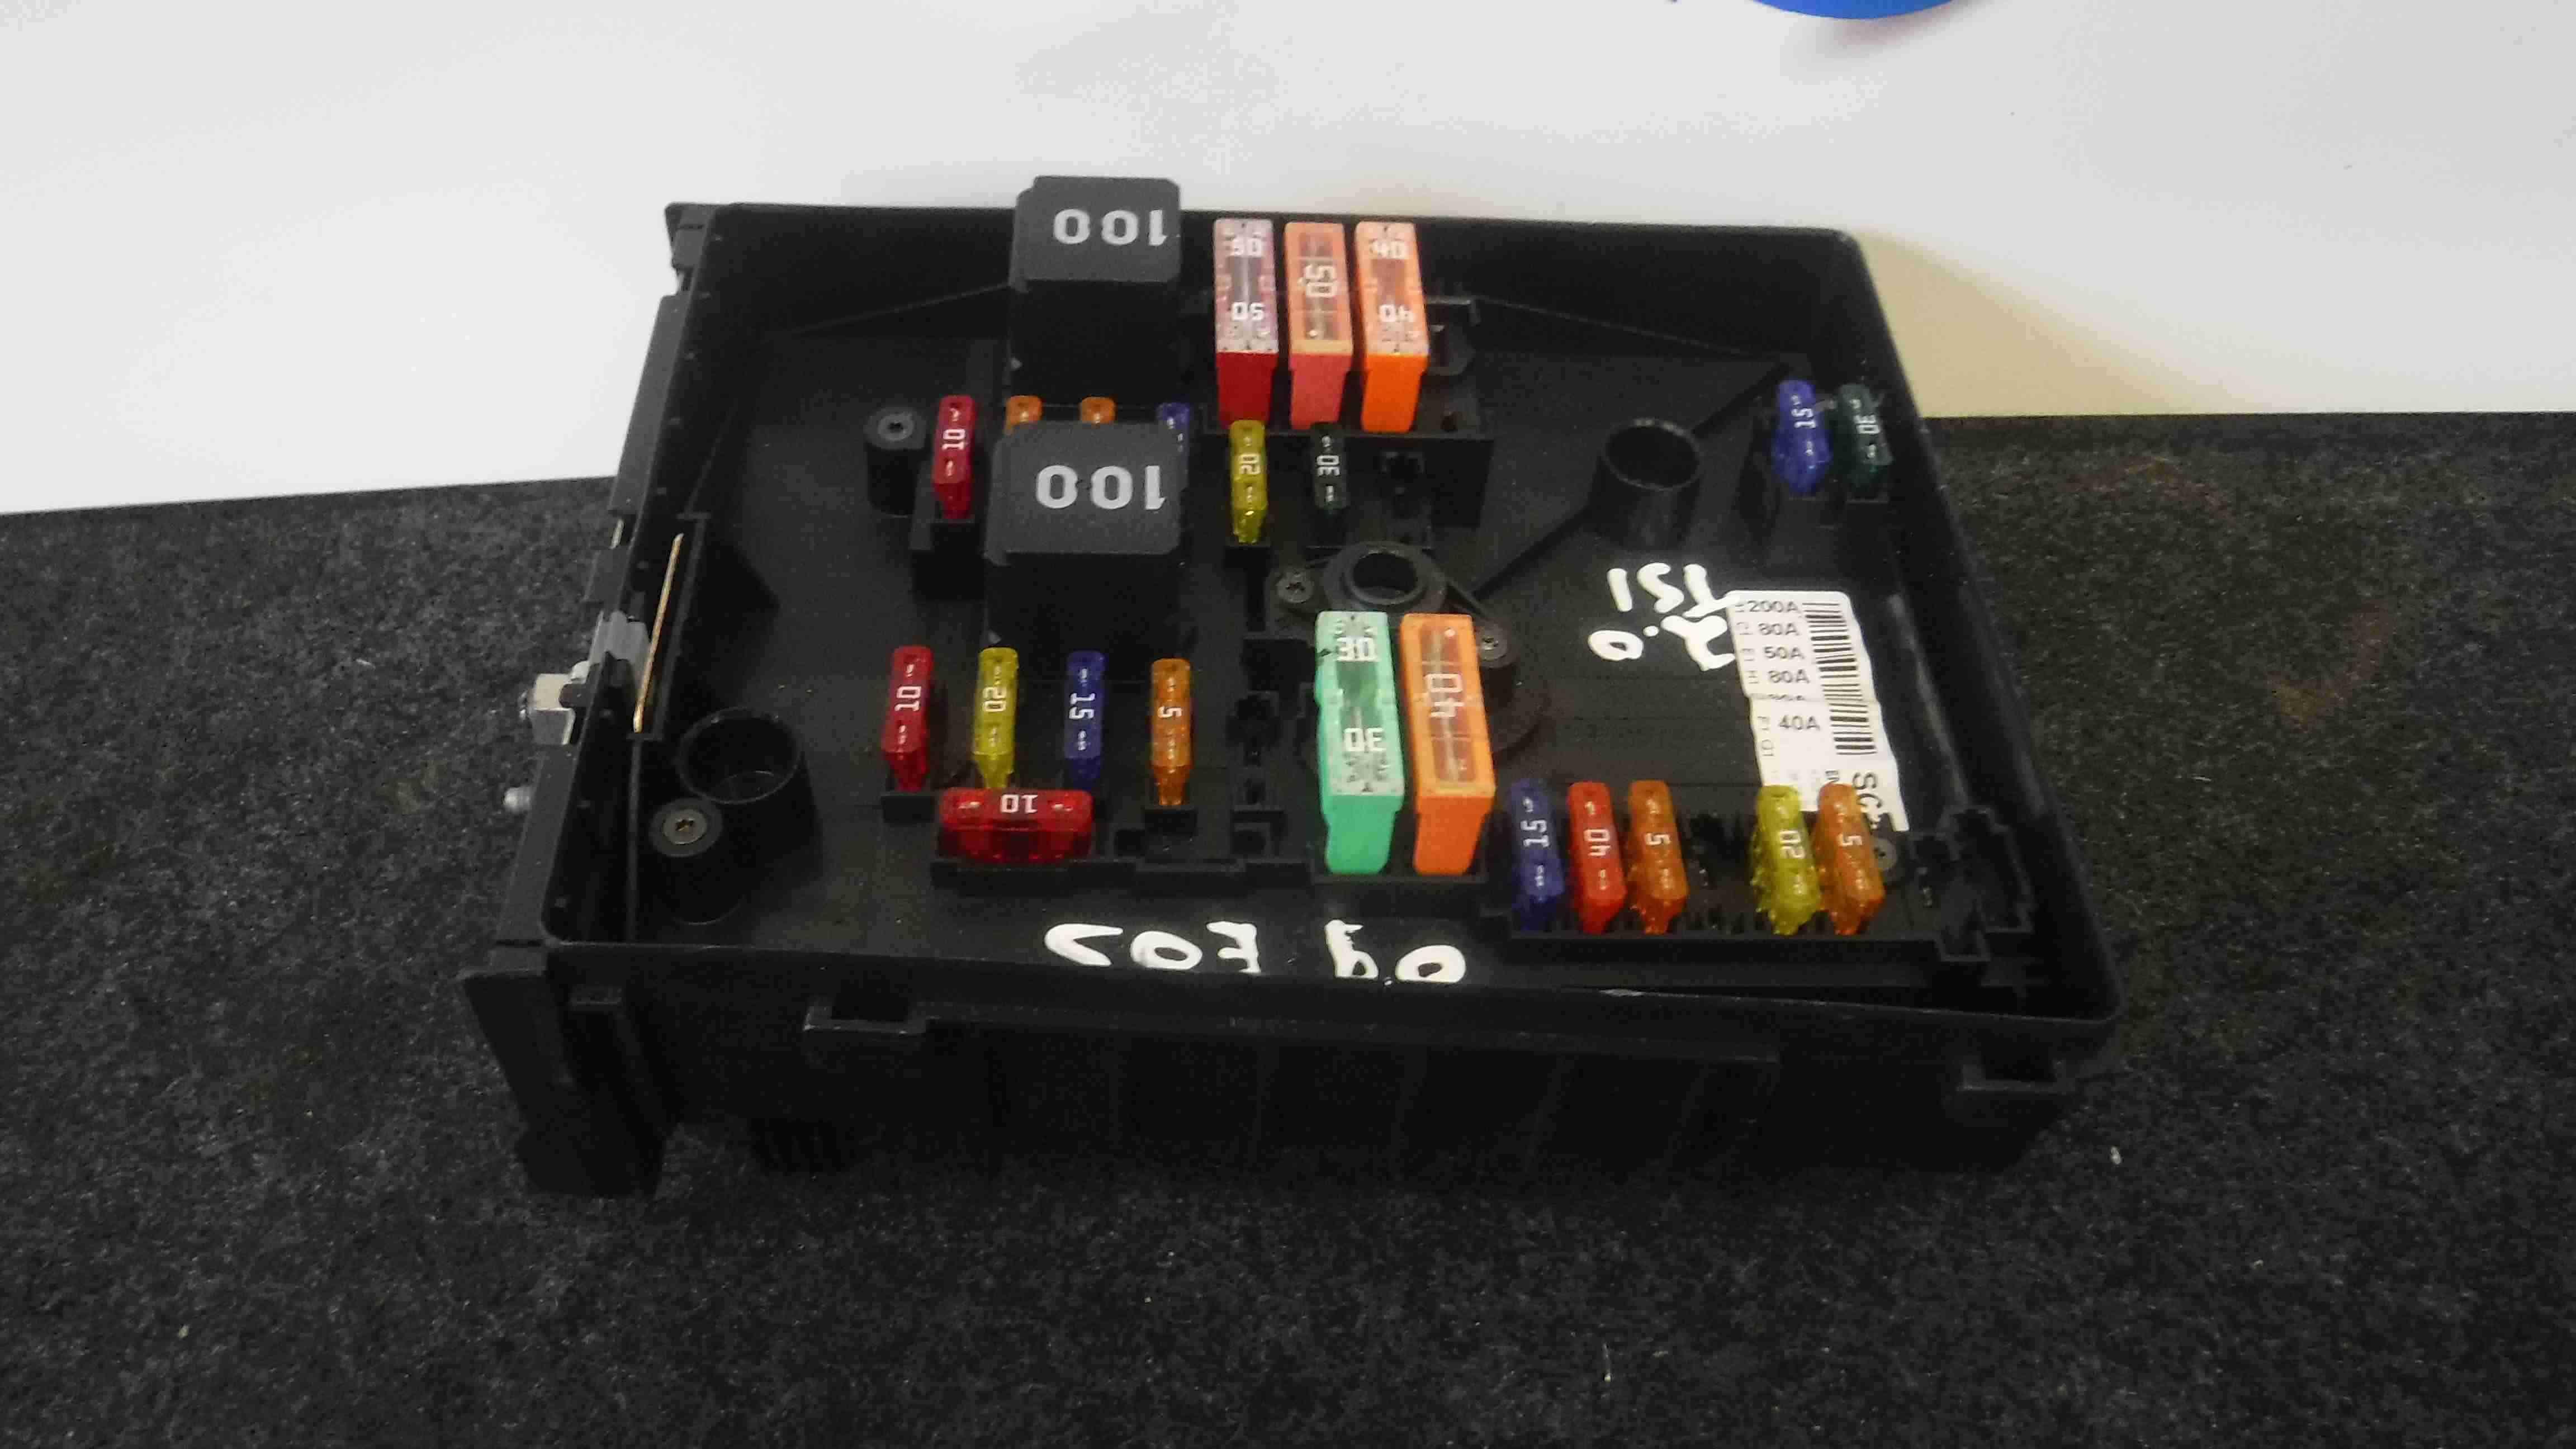 2001 vw golf fuse box diagram 2002 golf fuse box volkswagen touran/scirocco/golf 2002-2010 control fuse box ... #12